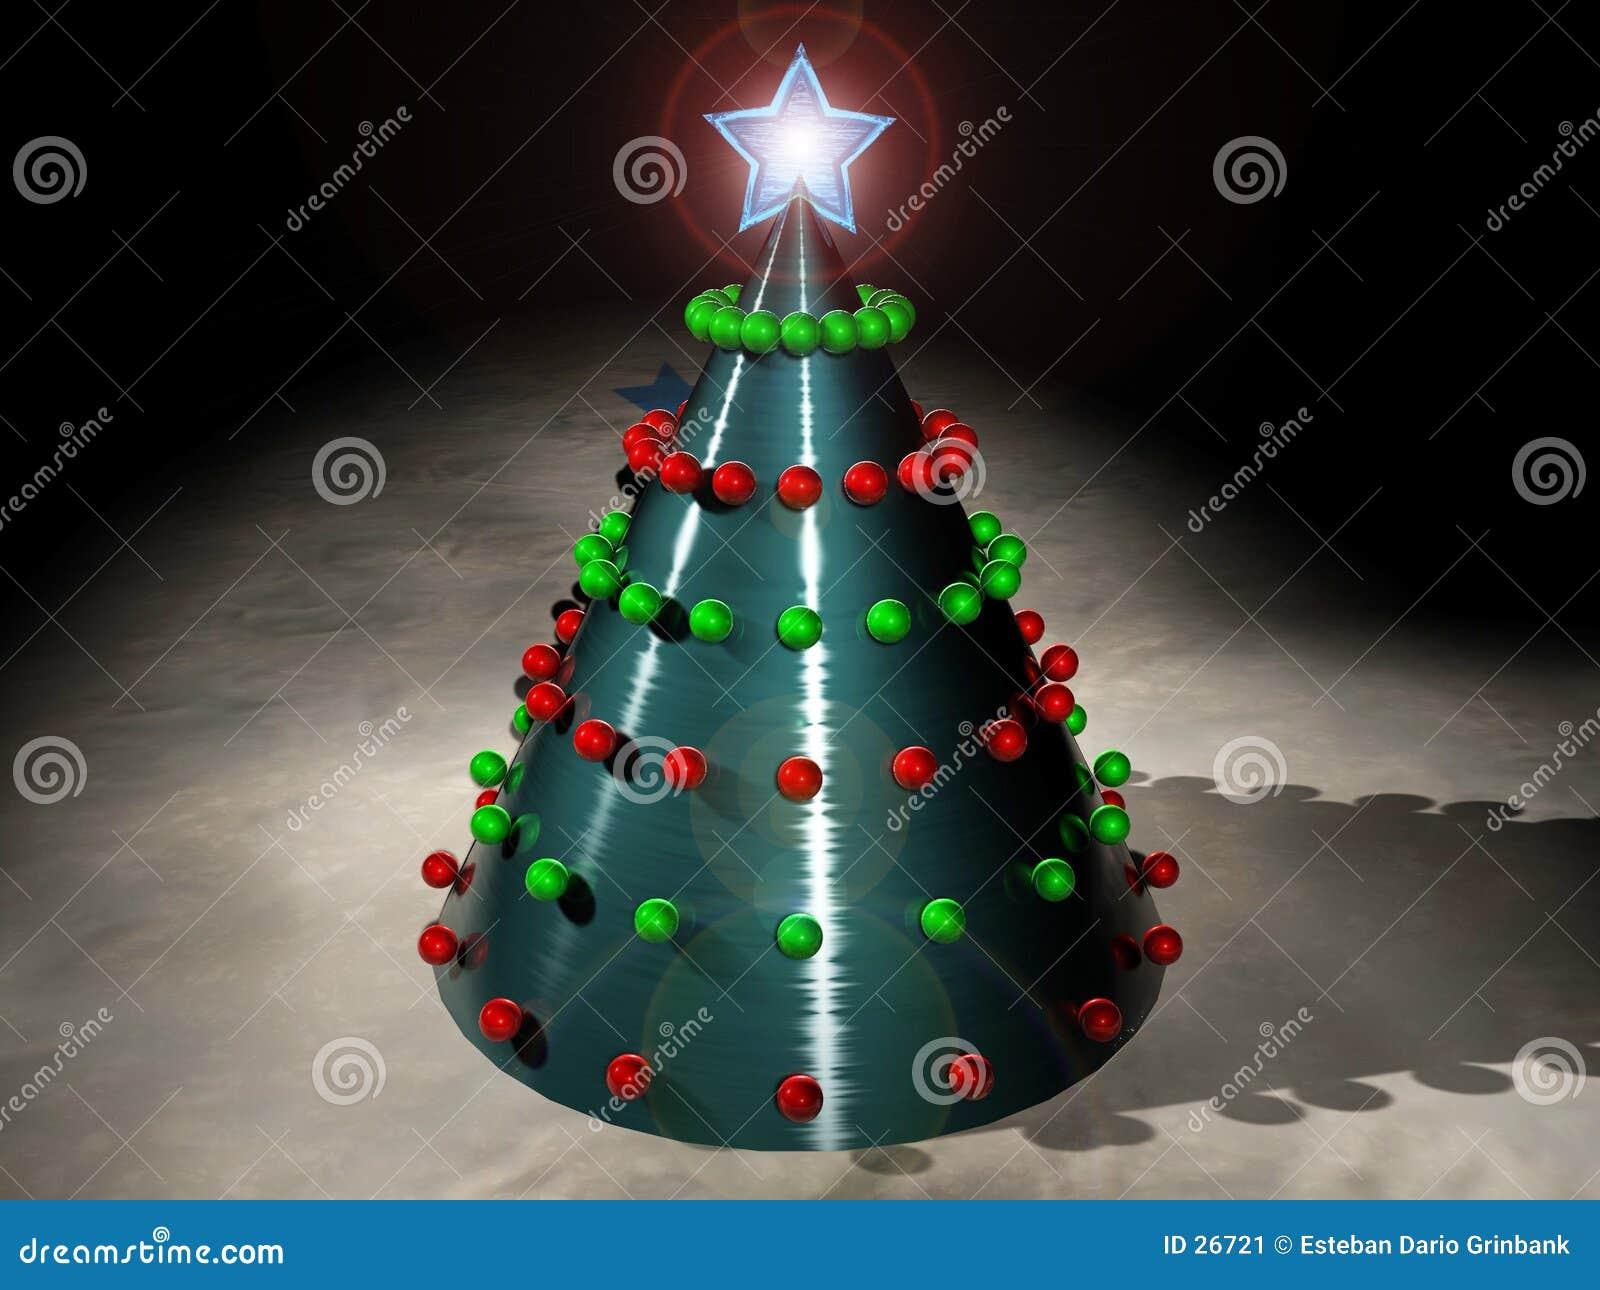 Techno Weihnachten